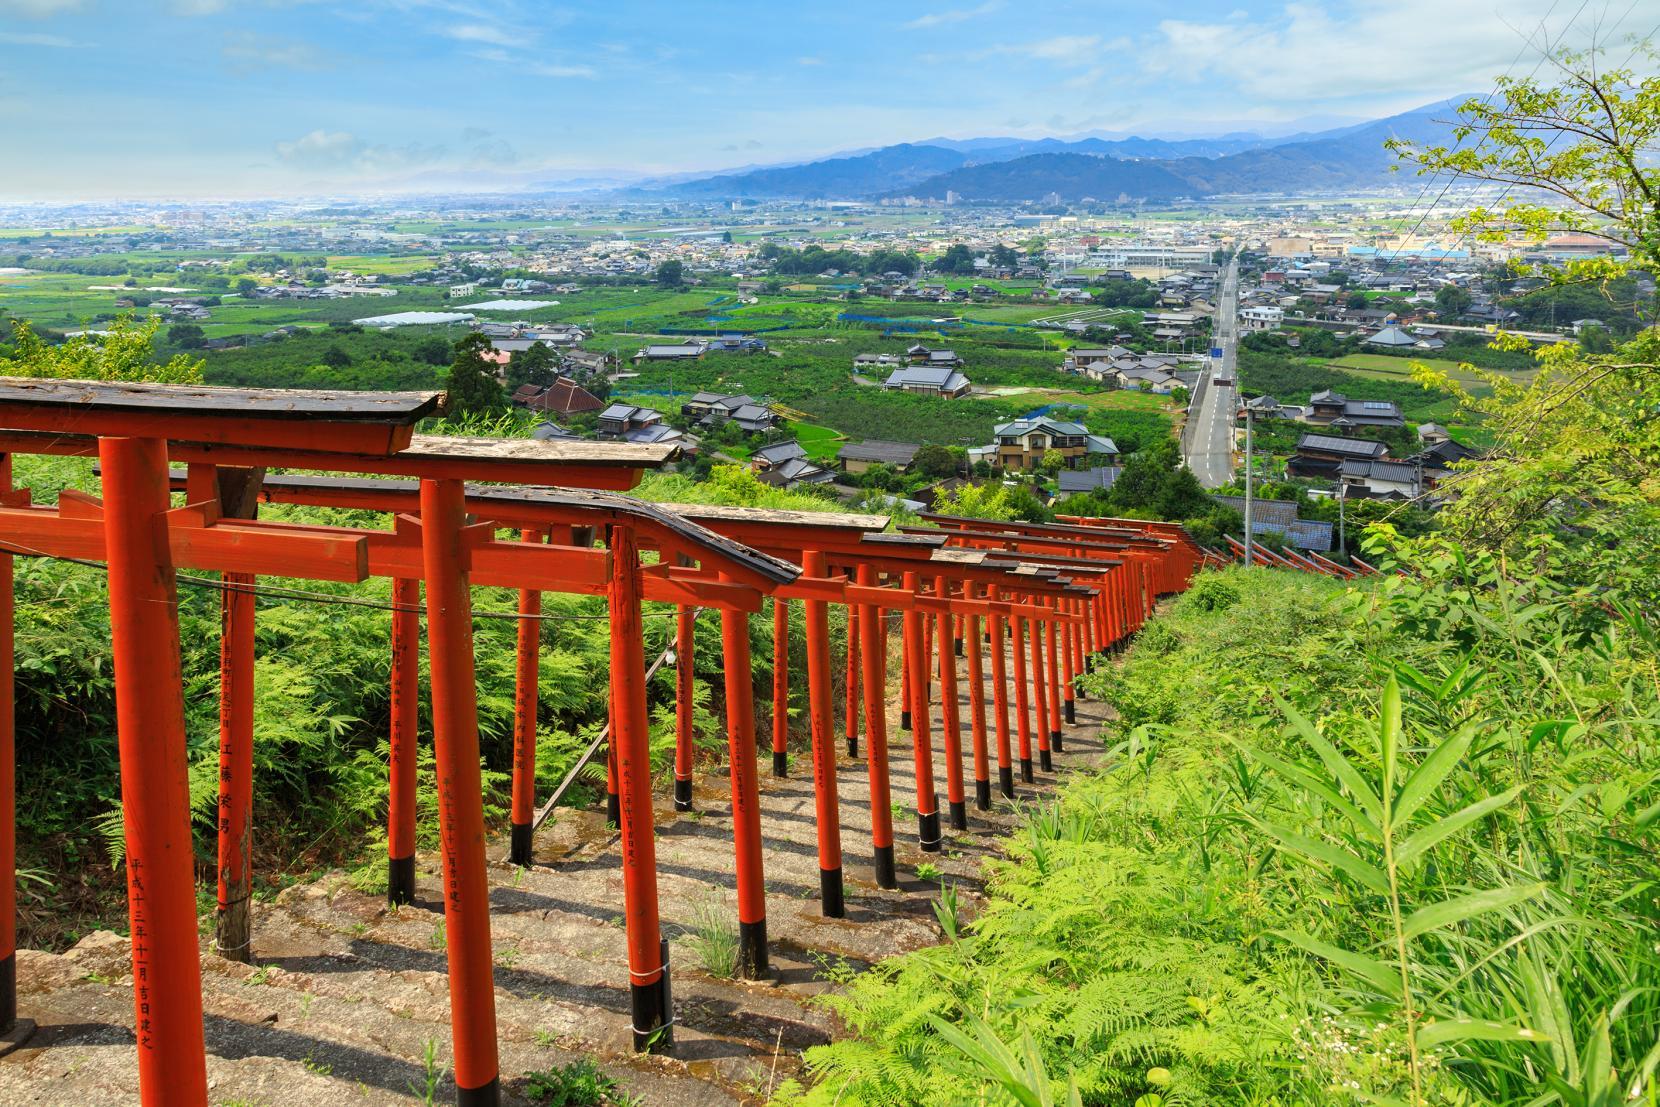 【Day 5】Ukiha Inari Shrine-1